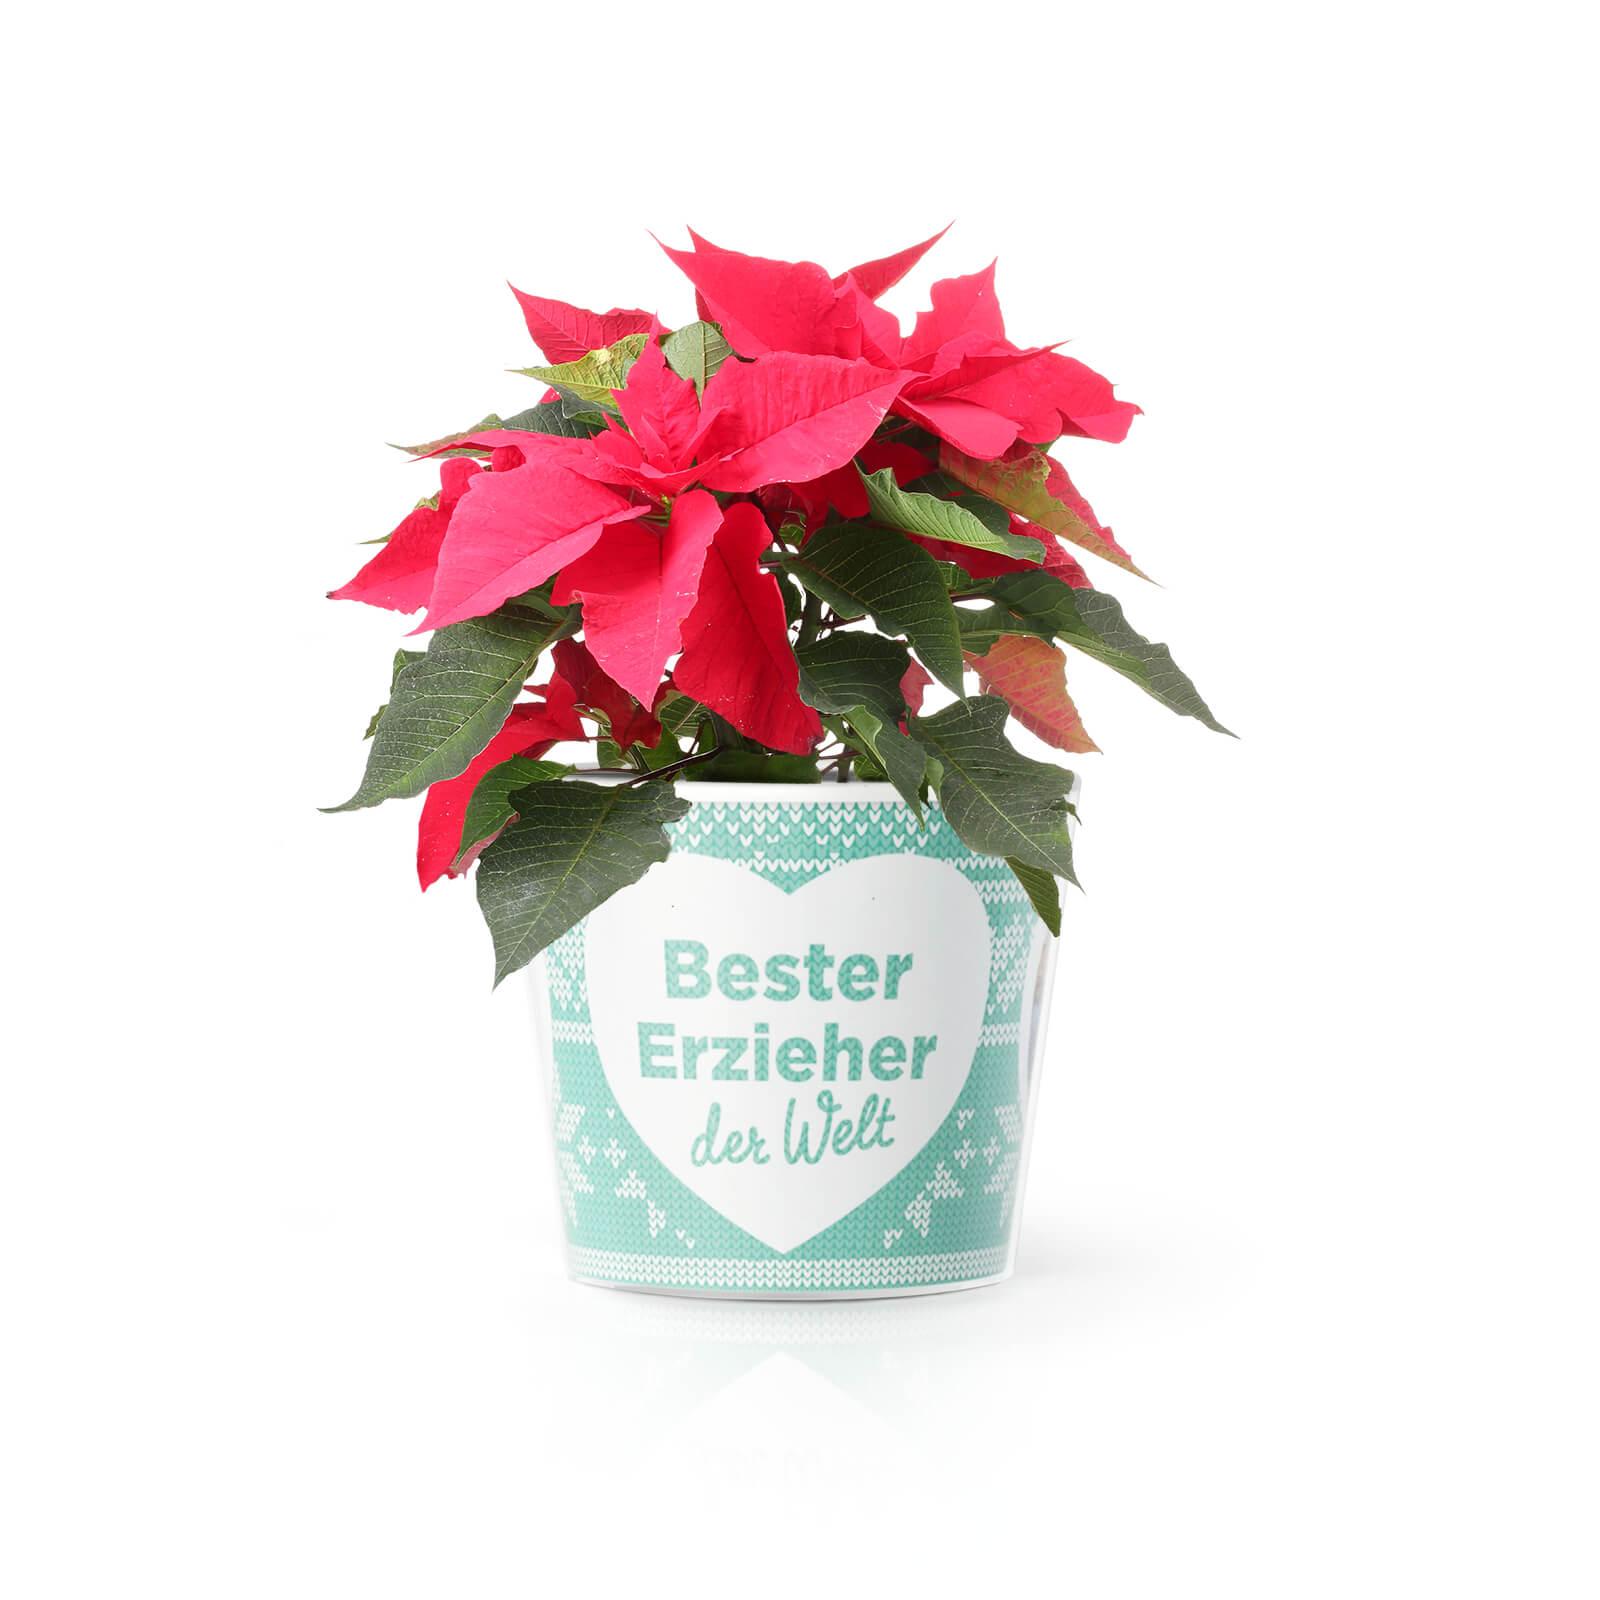 Bester Erzieher Weihnachtsgeschenk